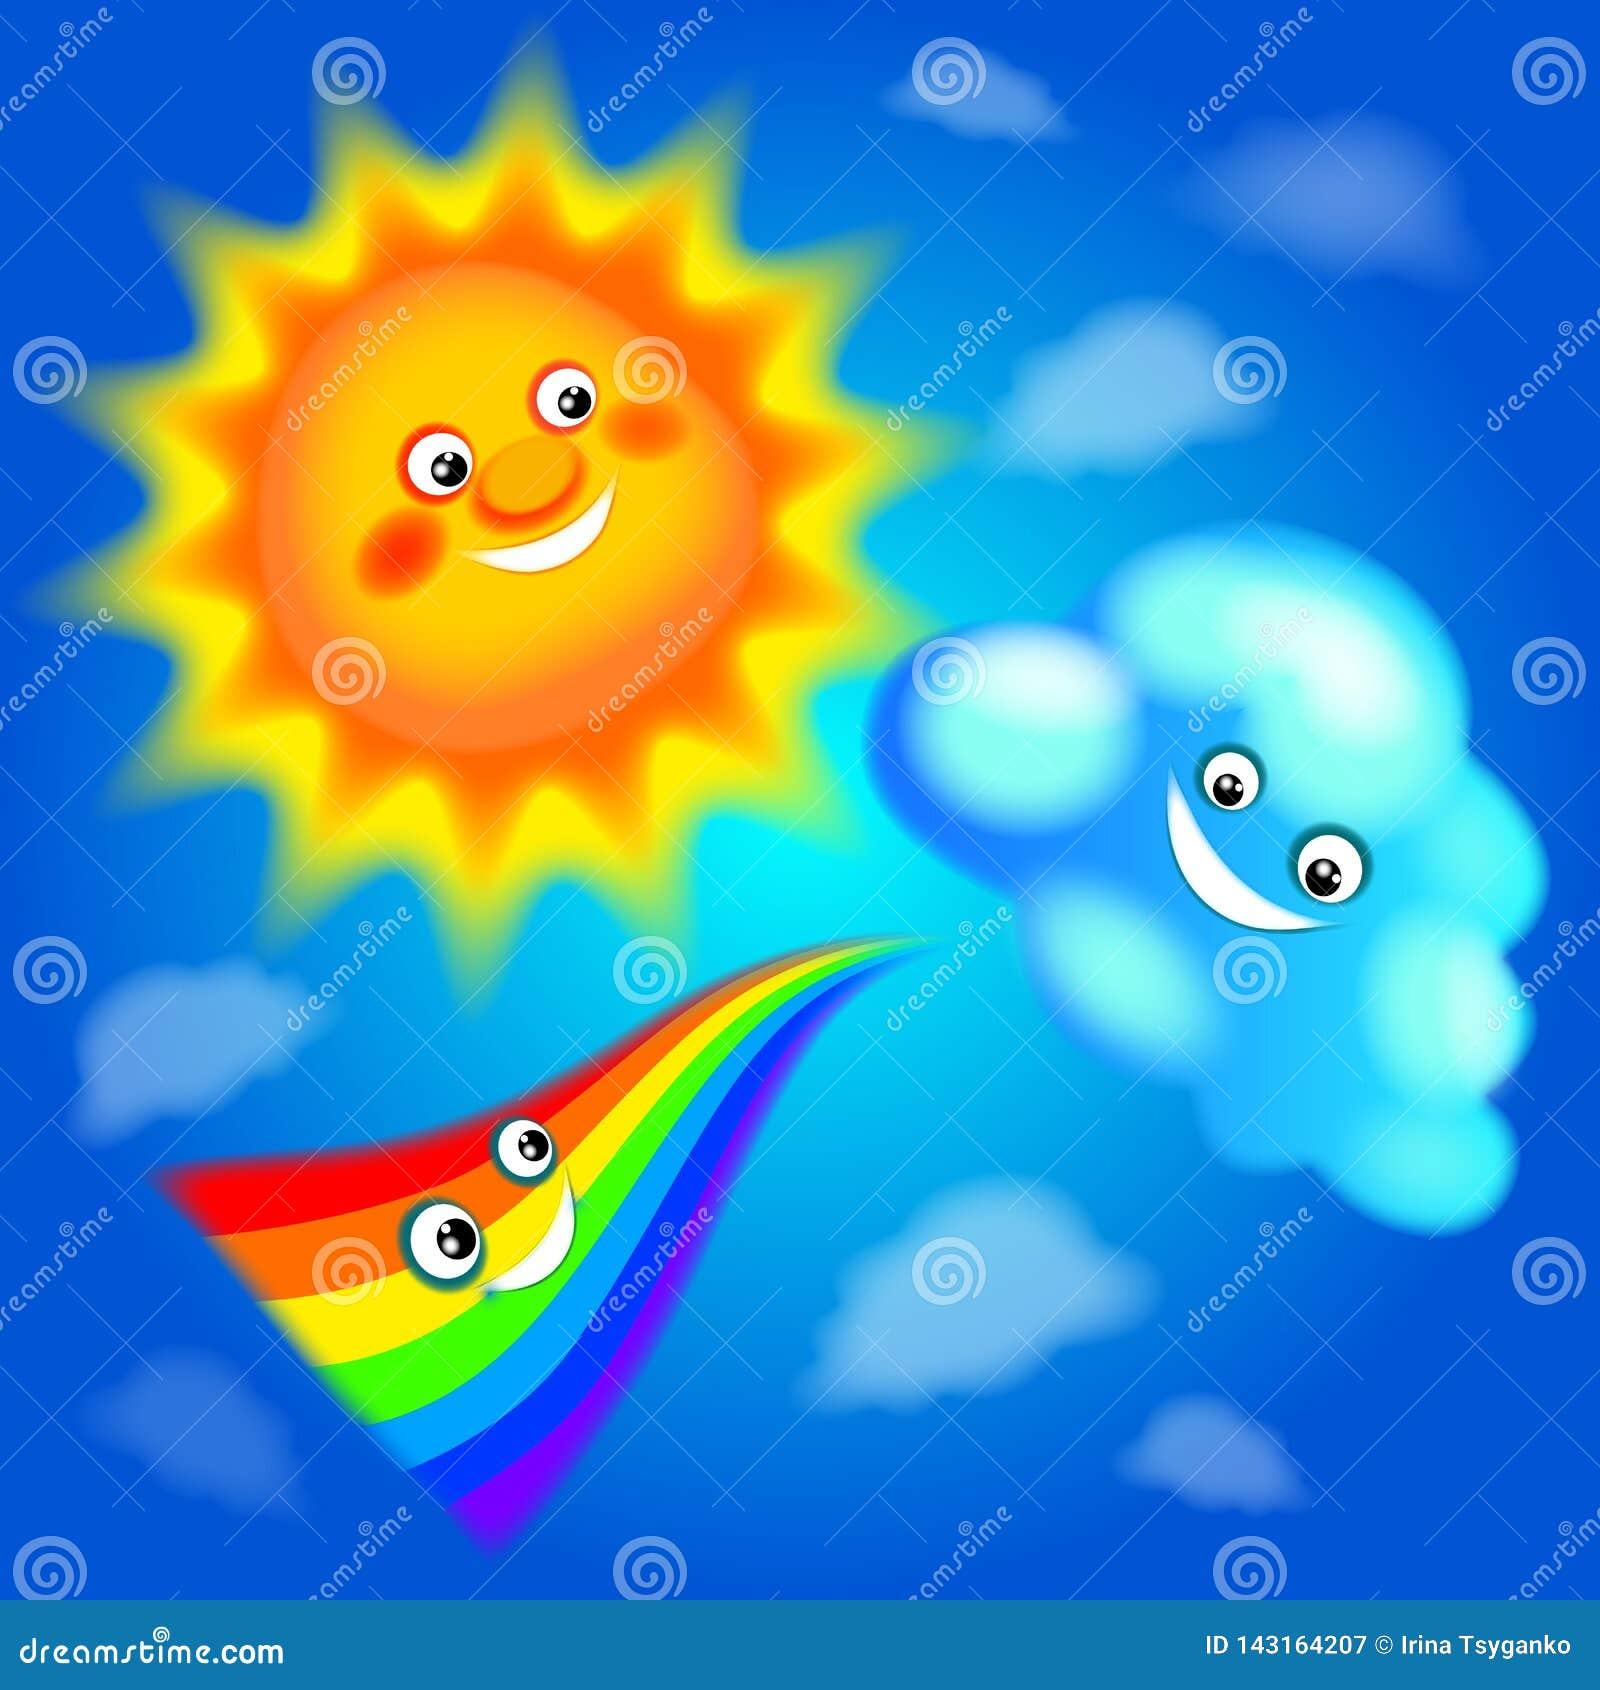 Θερινή ημέρα, ήλιος, ουράνιο τόξο, σύννεφο, καλοκαίρι, σαφής μπλε ουρανός, χαρά, ζεστασιά, ευτυχία, χαμόγελα, θετικά